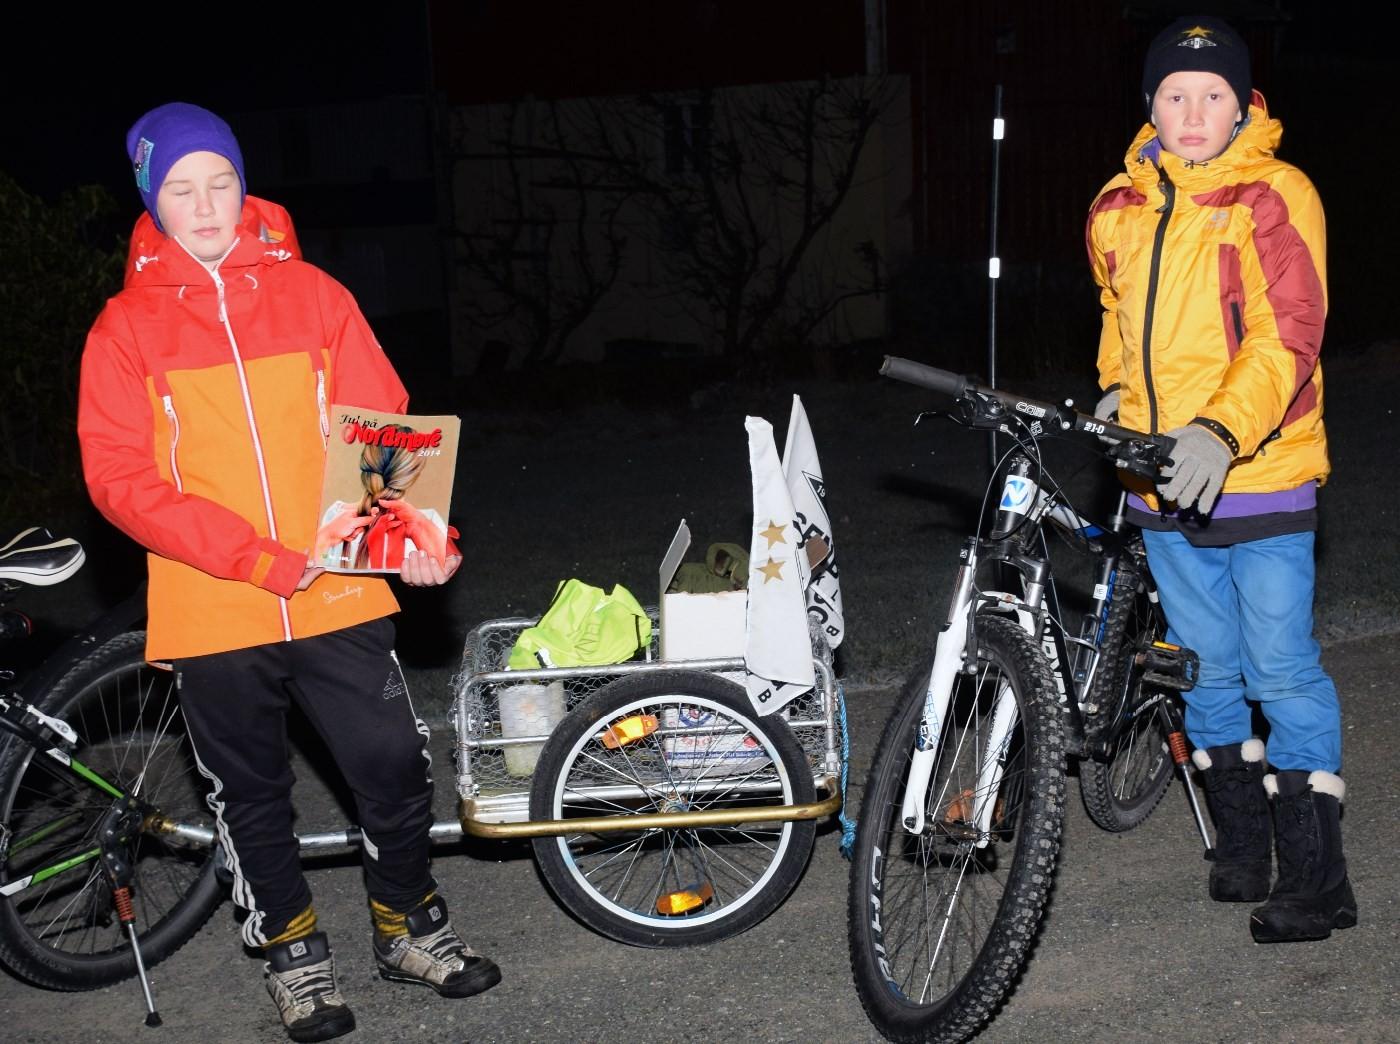 Ola og Eivind er ute på salsturne med Jul på Nordmøre